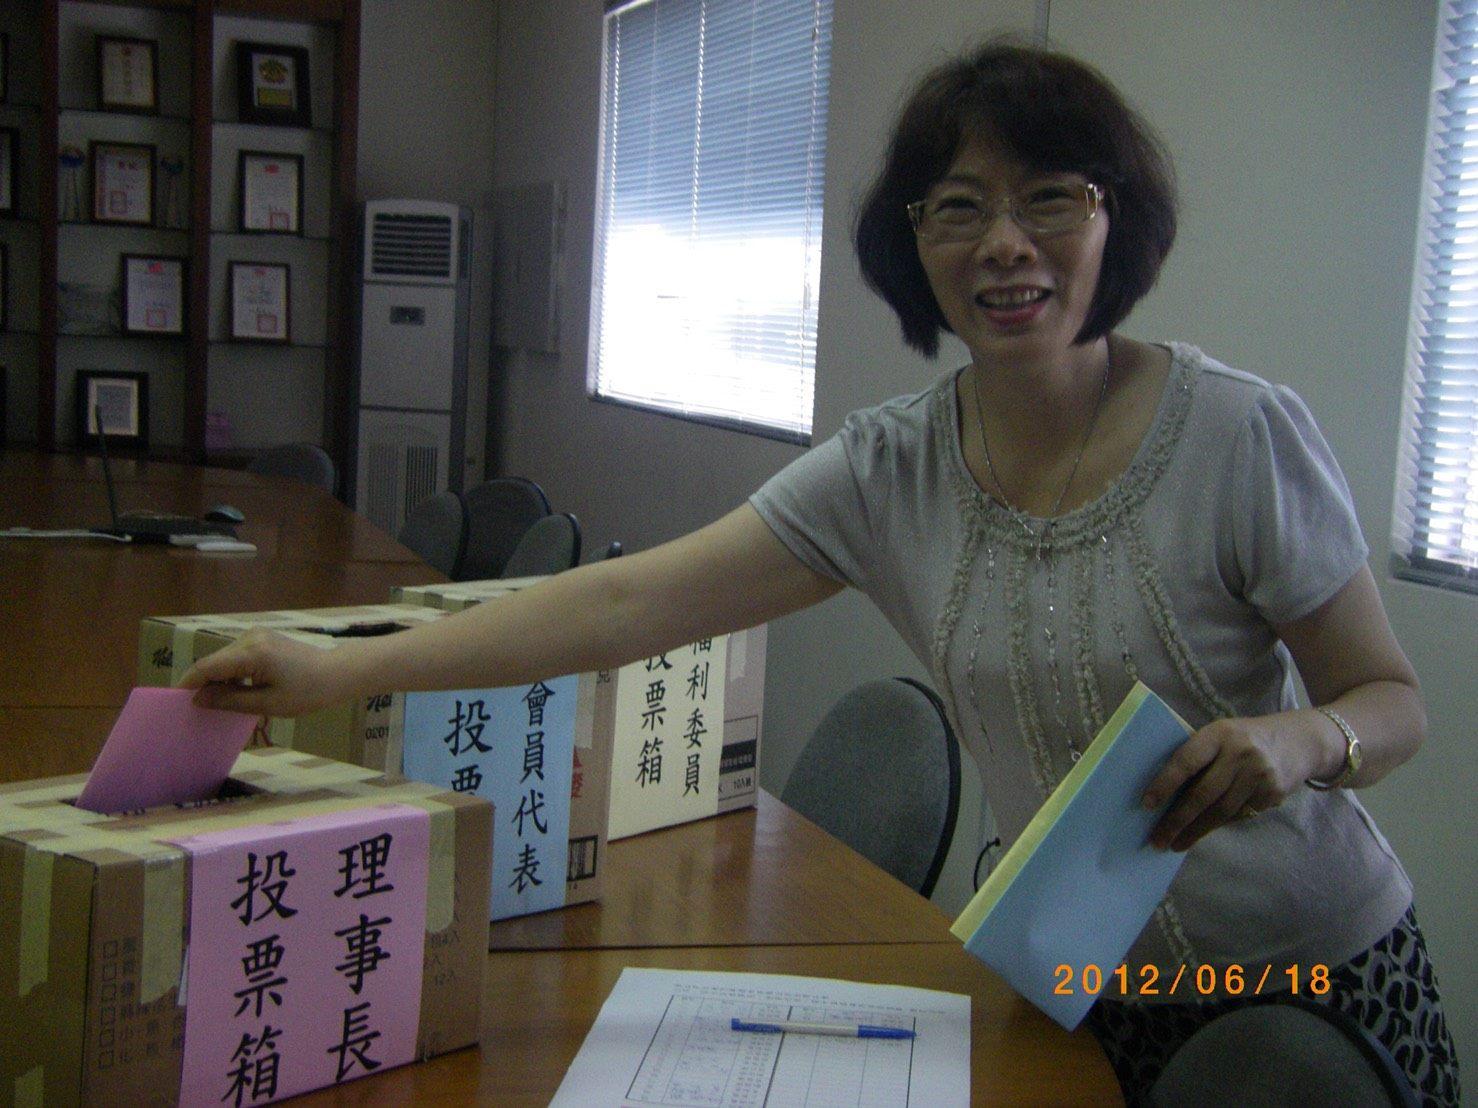 舉辦選舉,在各場站設置投票所,方便會員投票